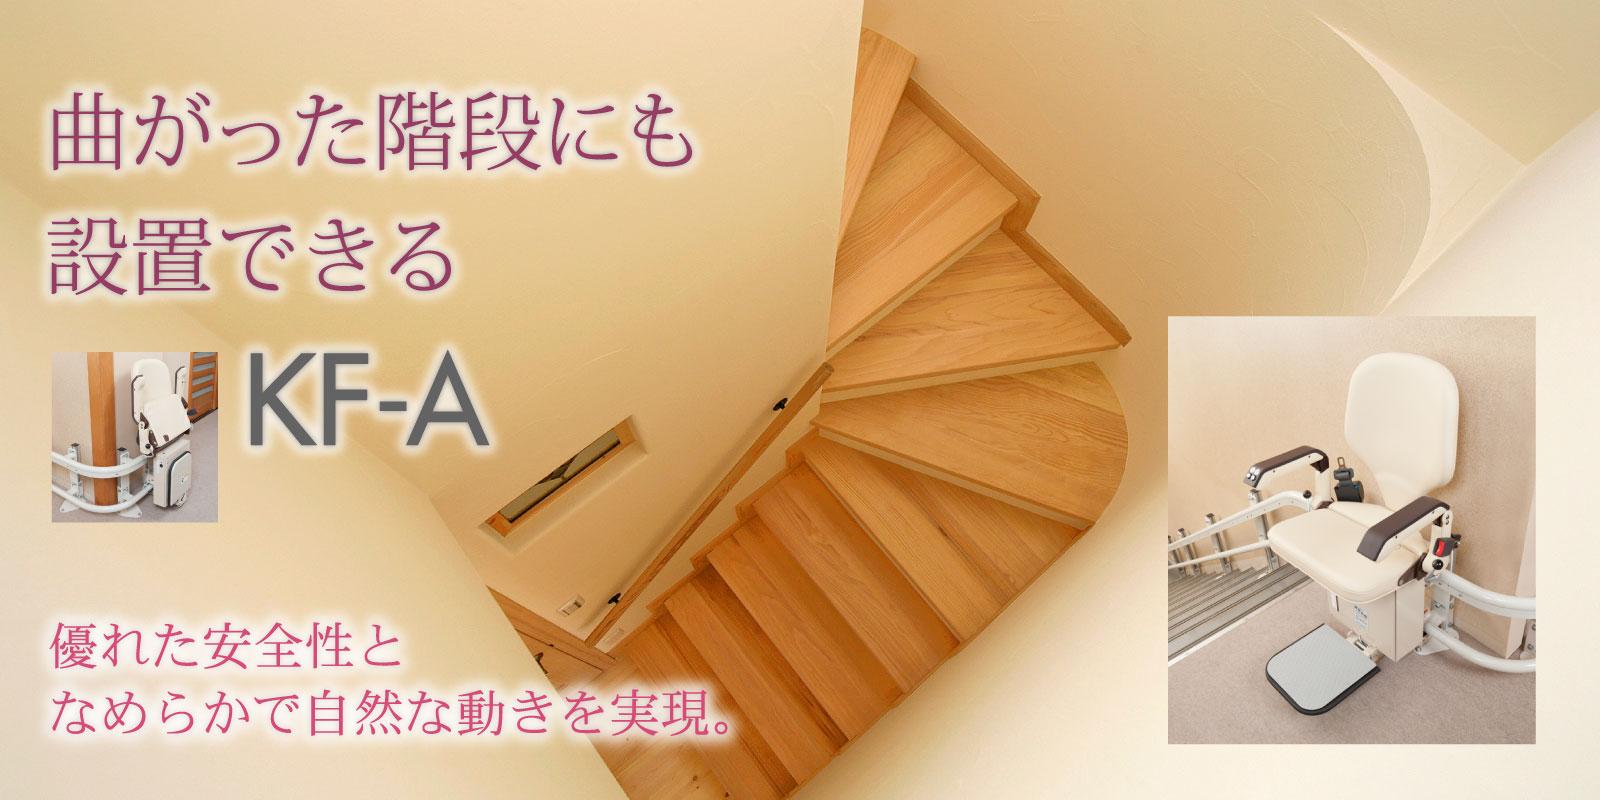 曲がった階段にも設置できるいす式階段昇降機KF-A